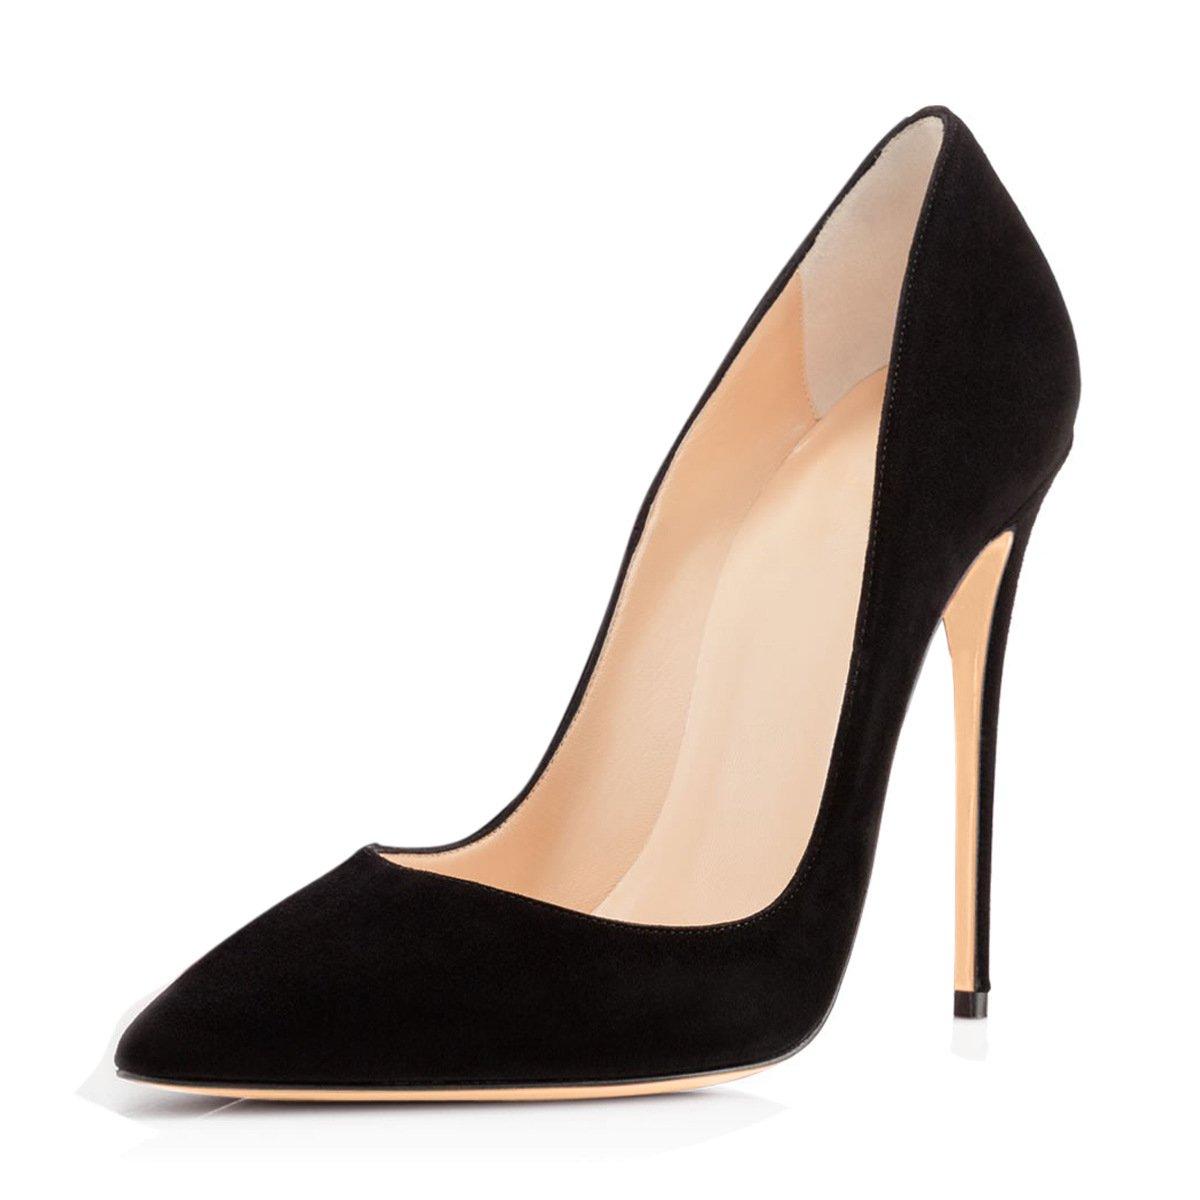 FYM Größe Schuhe DYF Damenschuhe Soild Farbe Größe FYM scharfe High Heel flache Mund  schwarz 19e636